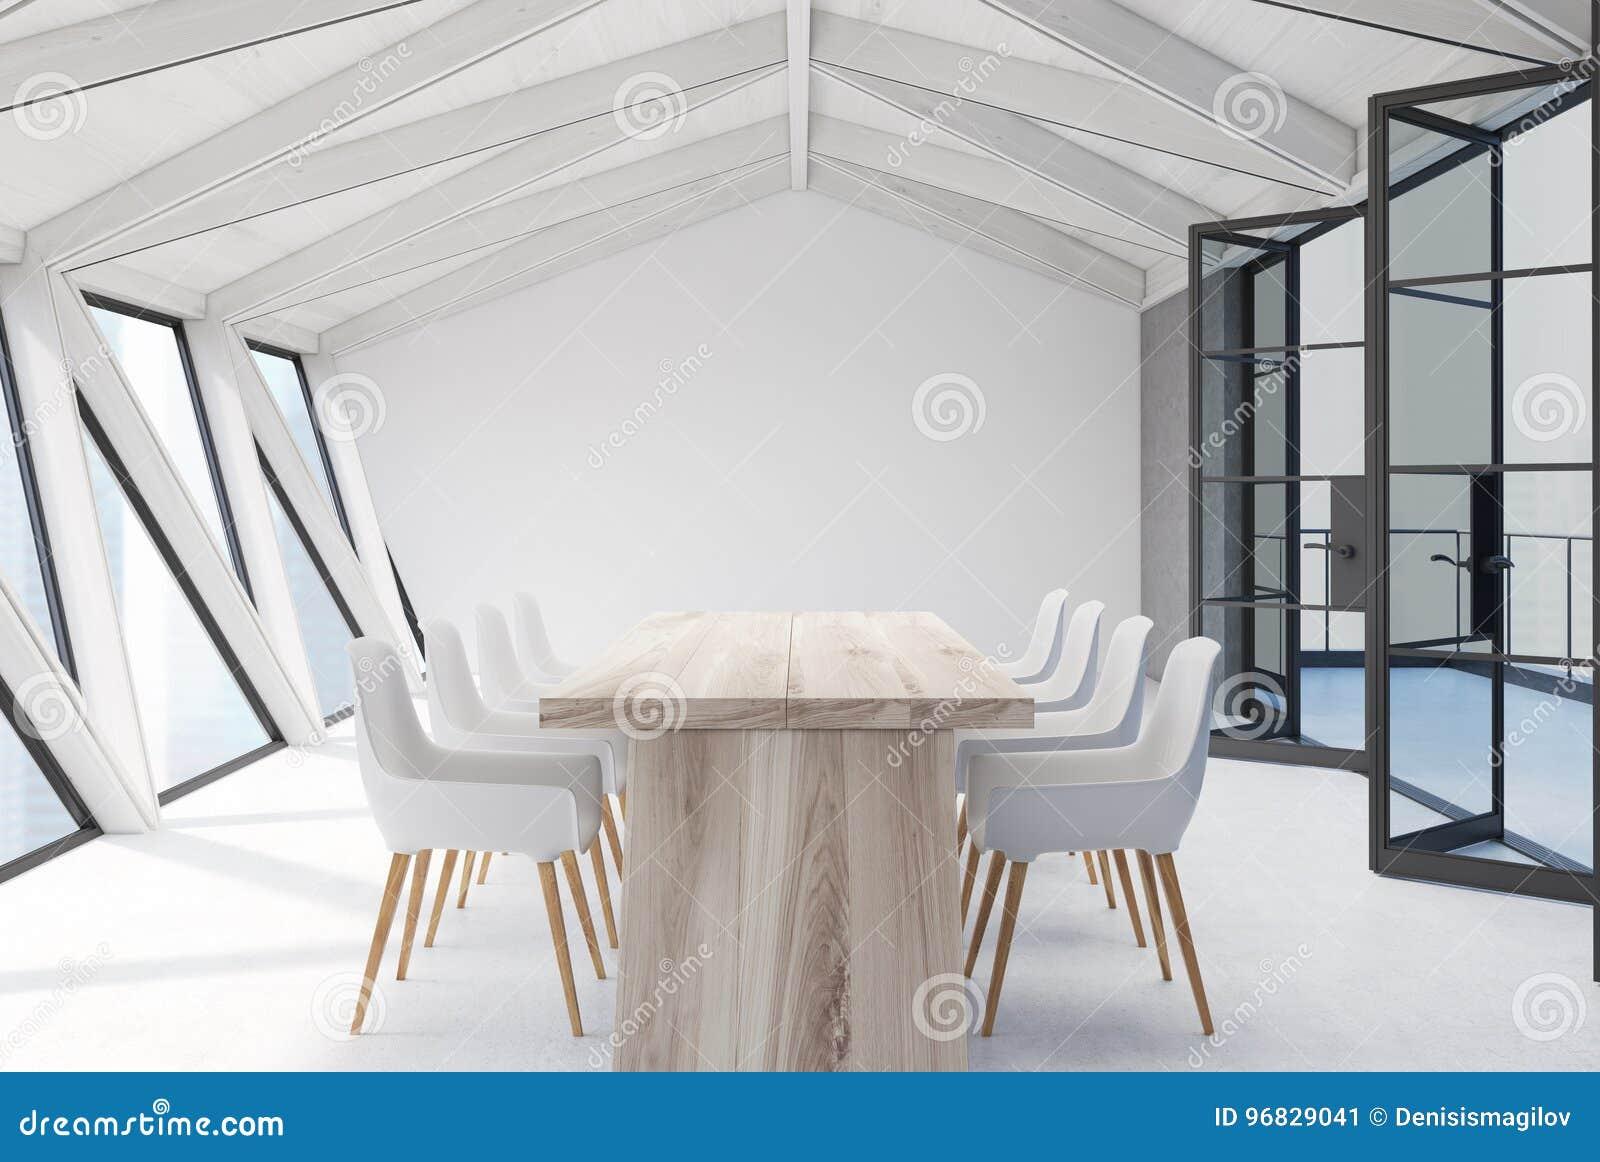 Soffitti In Legno Bianchi : Soffitto a volta del salone di casa vetrina di lusso soleggiato